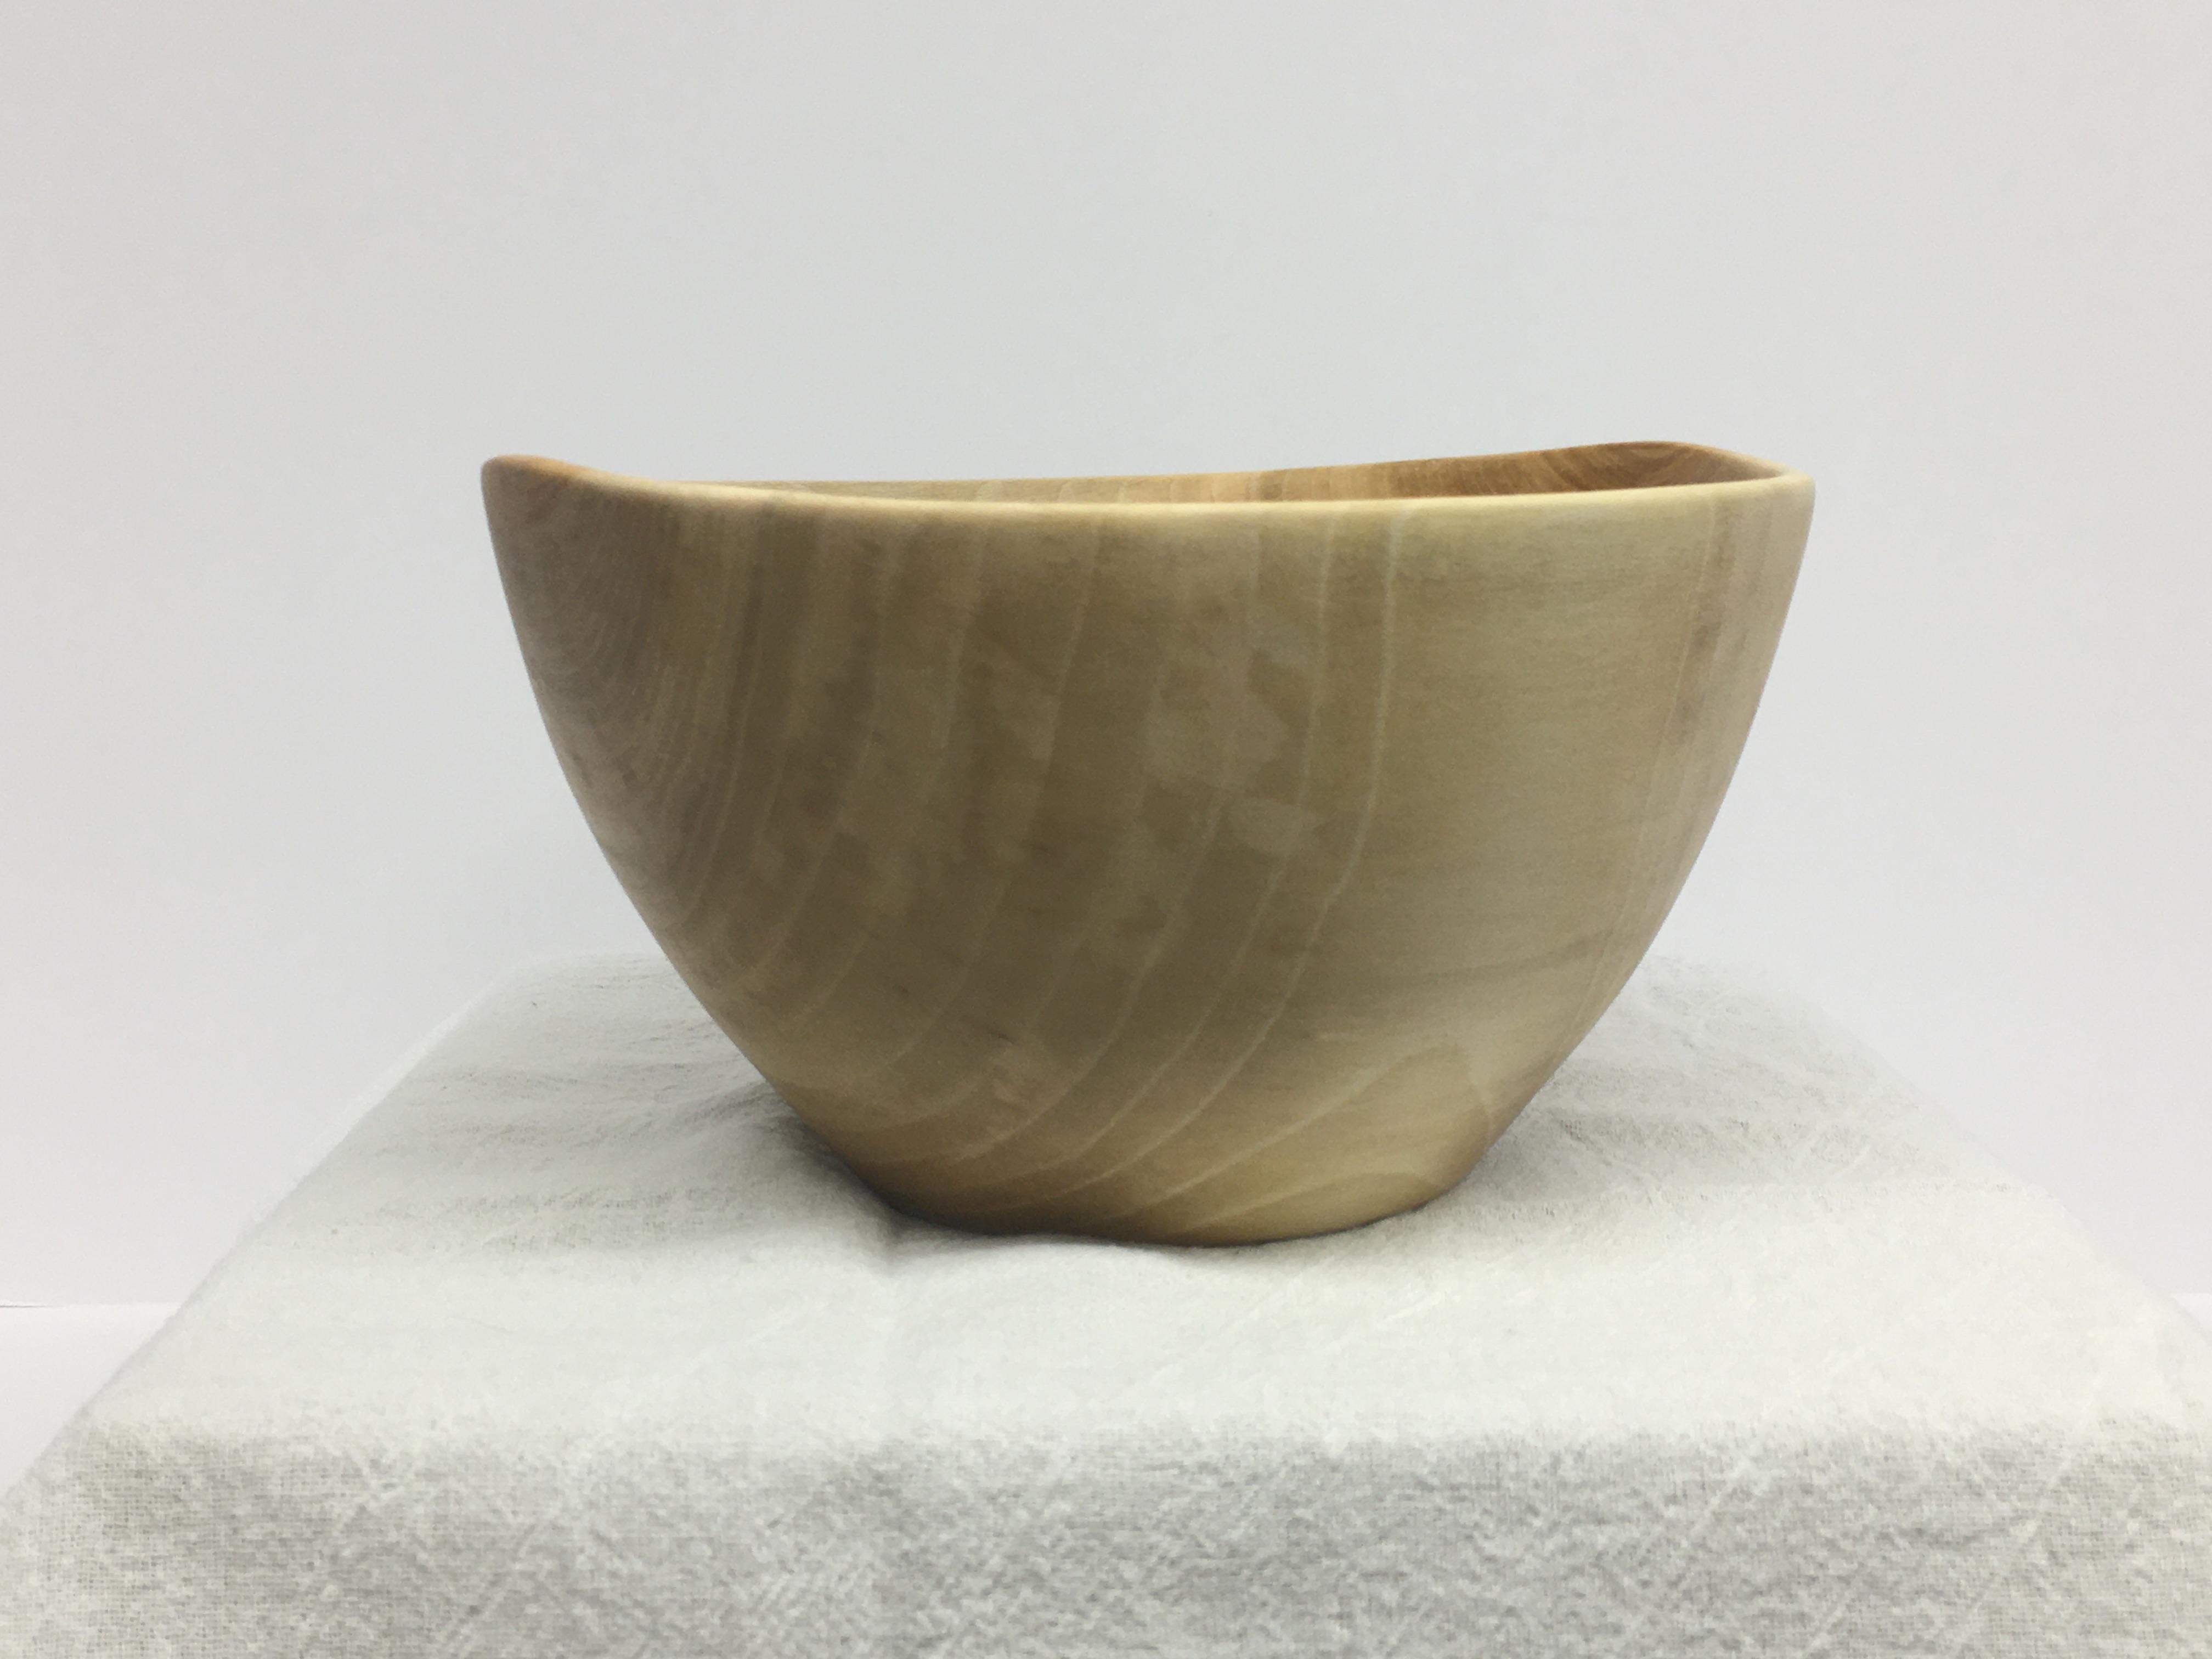 Lg syc bowl.JPG